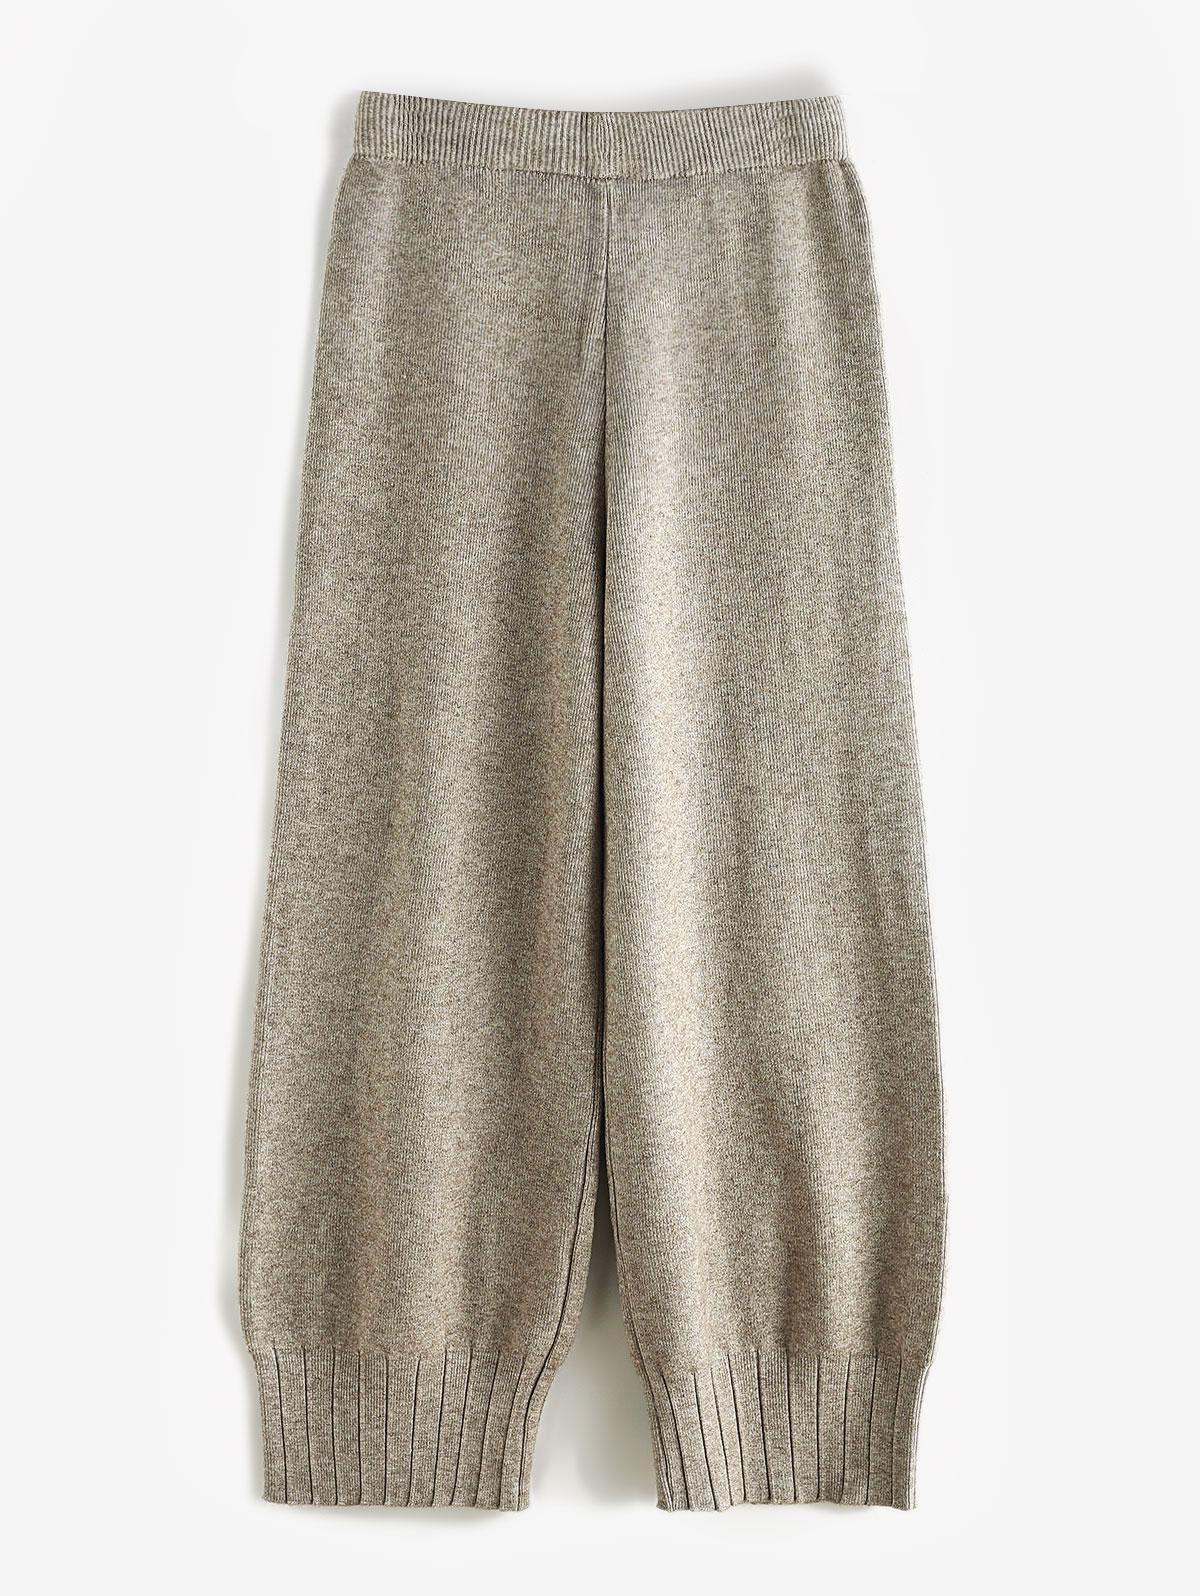 Pantalon Droit Côtelé en Tricot à Taille Haute Taille unique - Zaful FR - Modalova